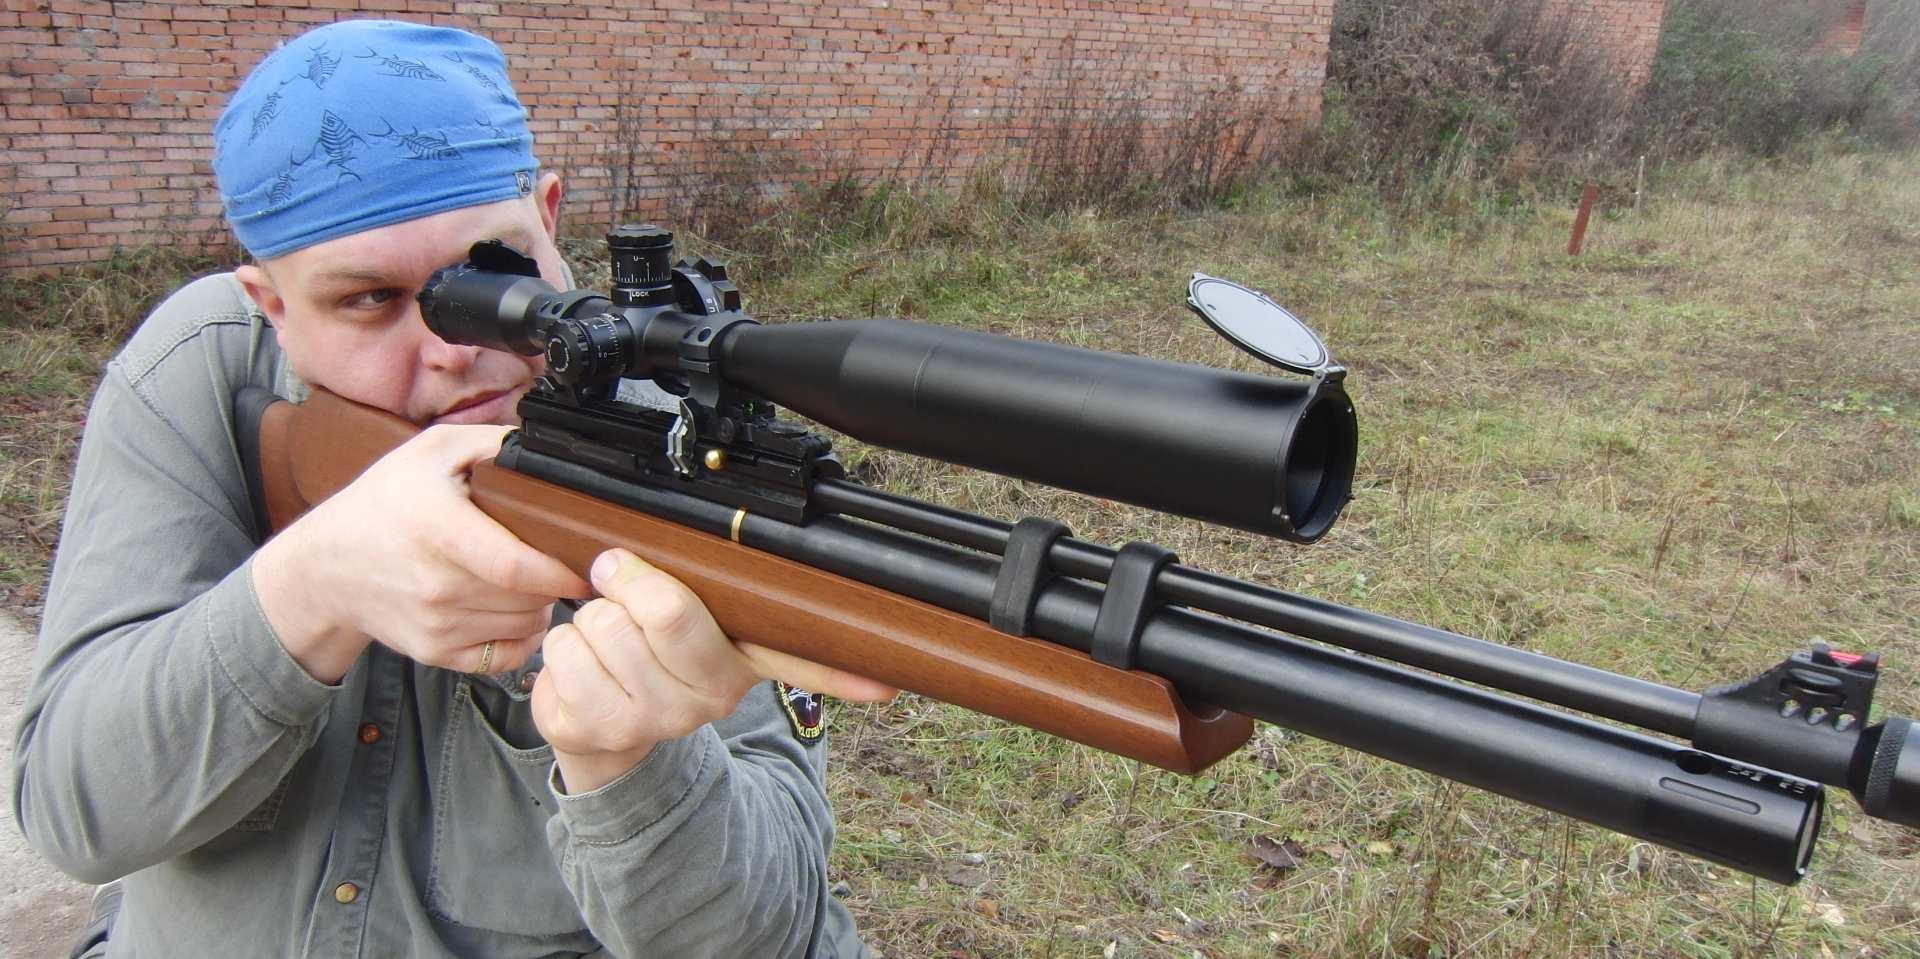 Современная пневматическая турецкая винтовка Hatsan AT44-10